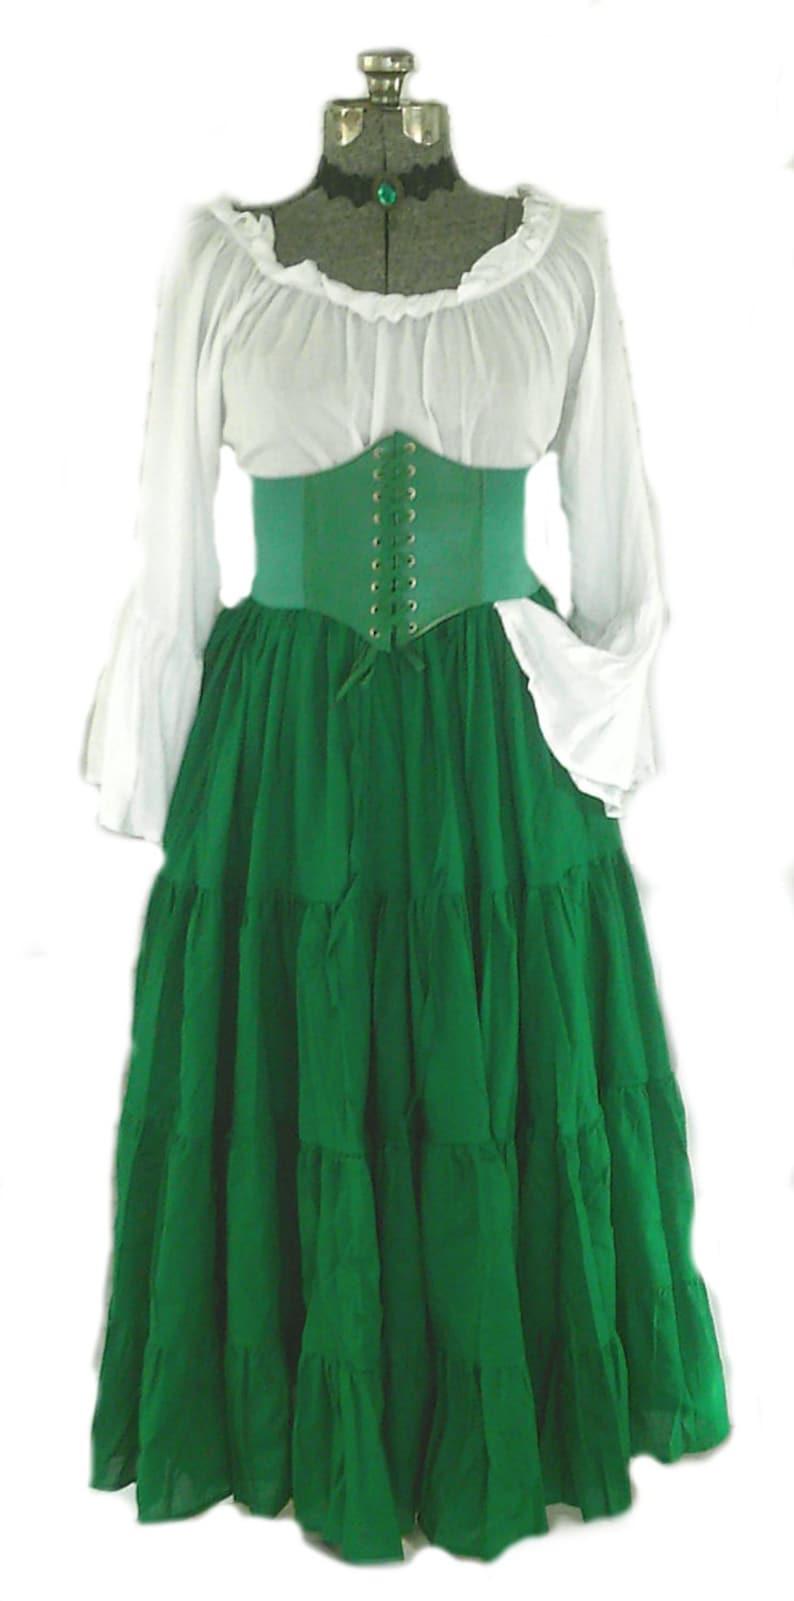 d872269d9 Renaissance Dress Chemise Corset Outfit 4 pcs Wench Pirate St